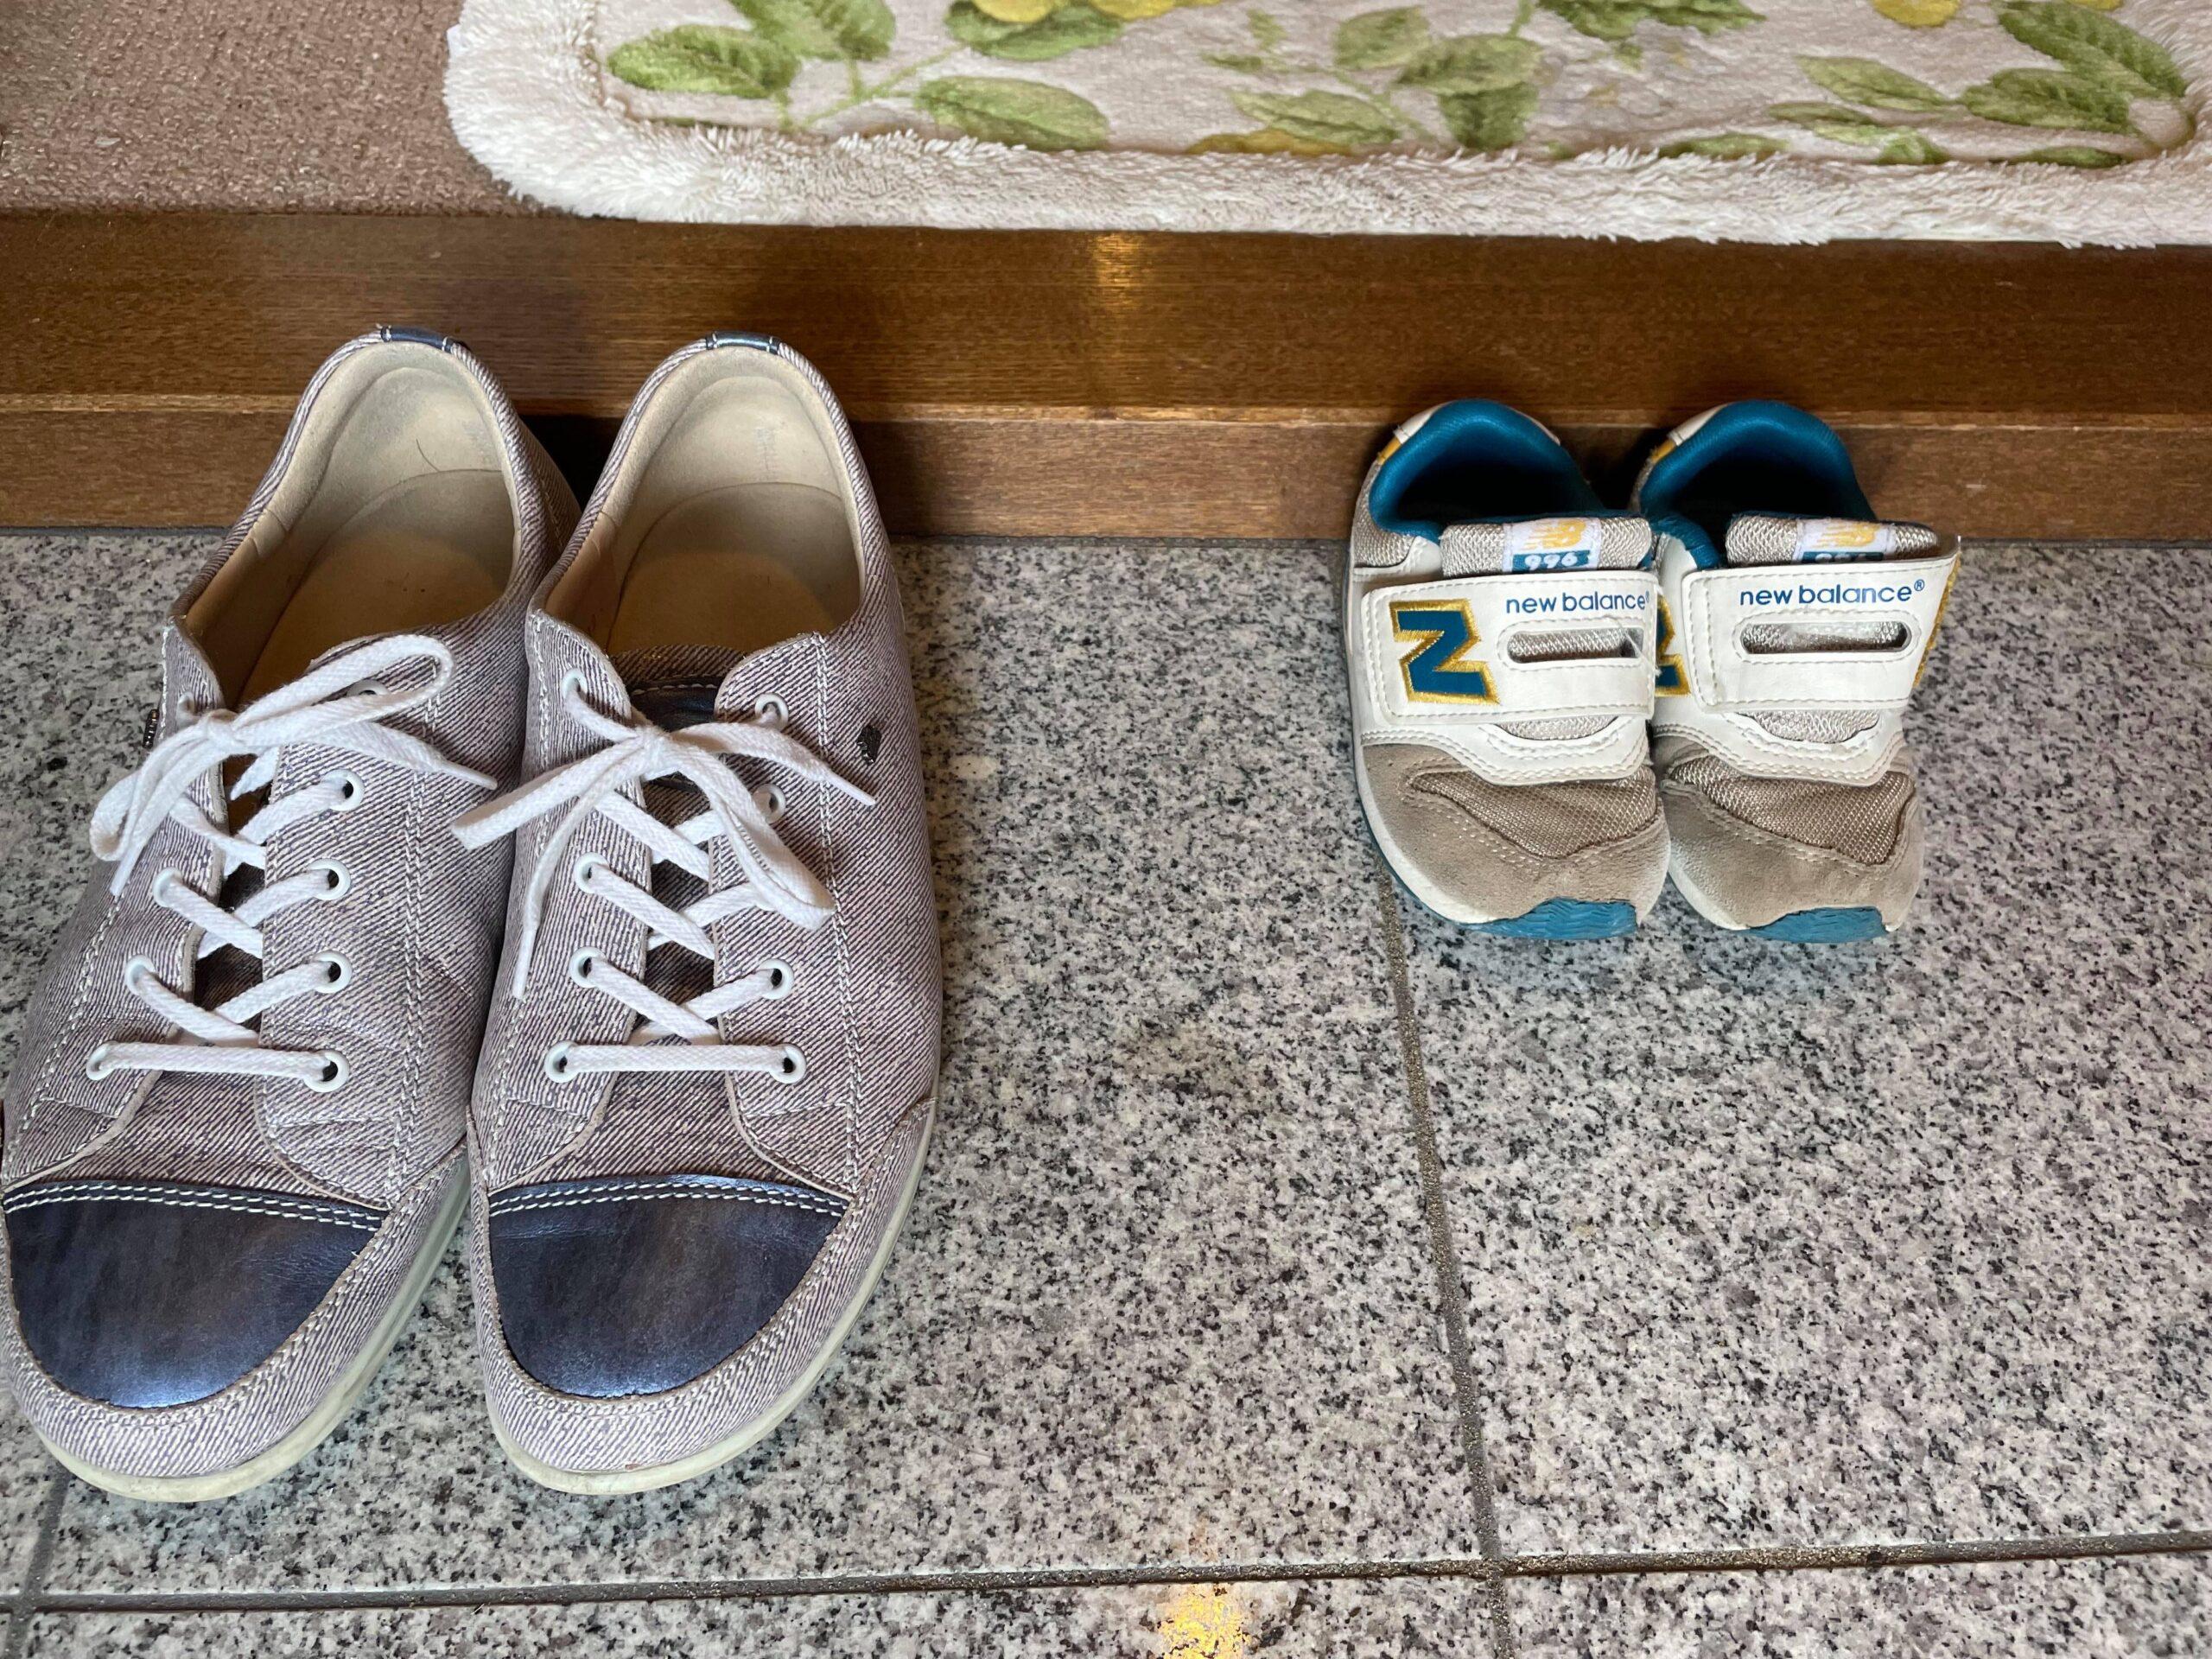 西村さんと息子さんの靴が並ぶ。